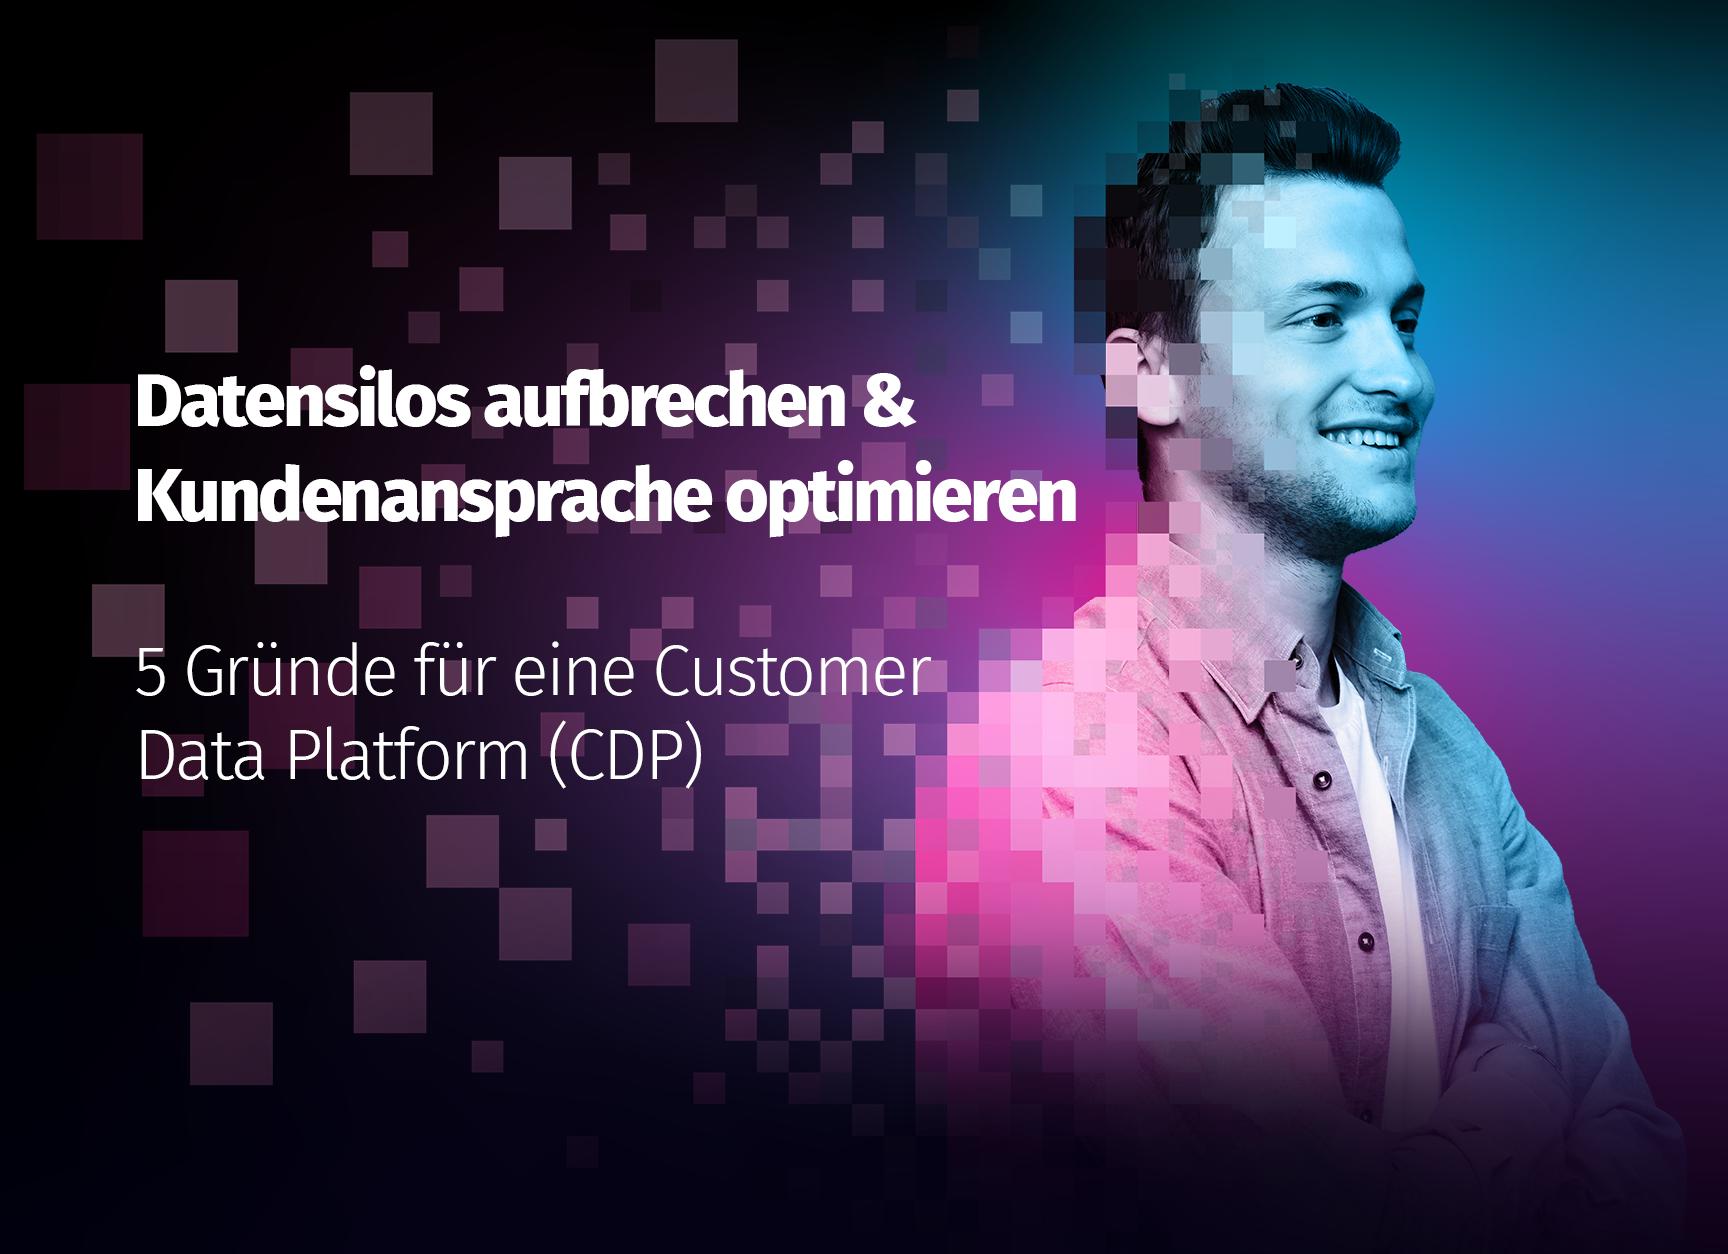 Die 5 Gründe für eine Customer Data Platform (CDP)